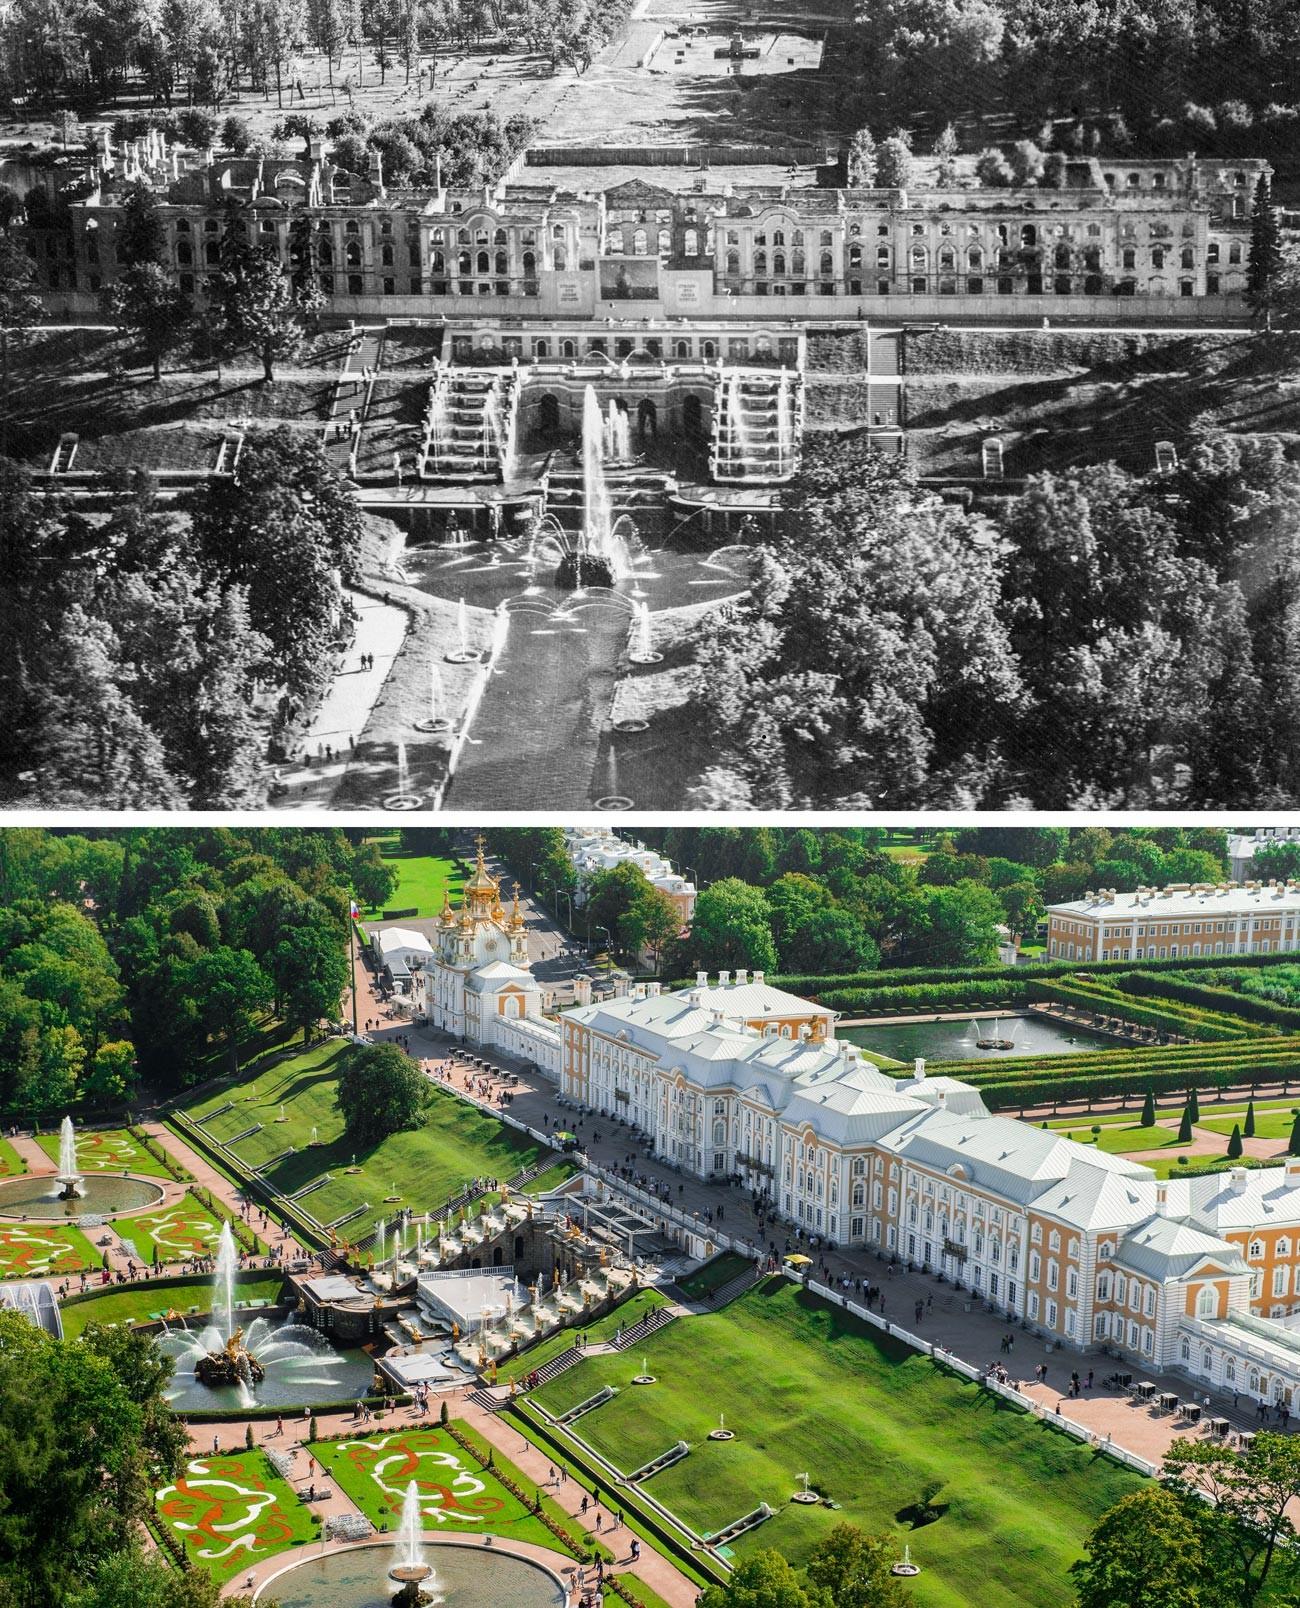 Pemandangan Kebun Atas, Istana Utama, dan air mancur Riam Utama pada 1944 dan sekarang.